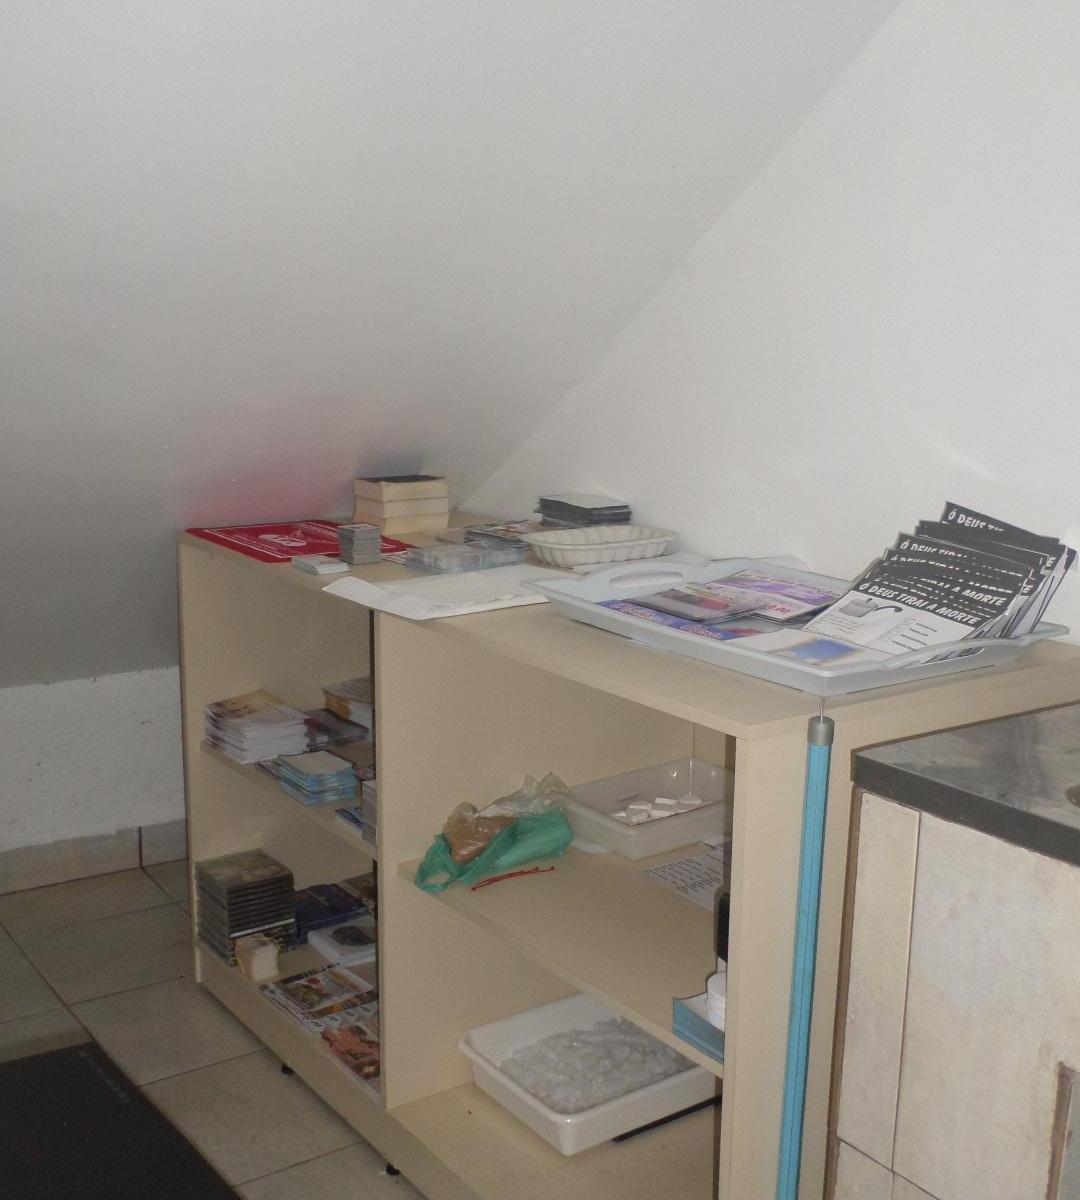 Comercial para aluguel Xaxim Curitiba R$ 3.500 220 m2 ID  #4F6D7C 1080x1200 Area Banheiro Pne